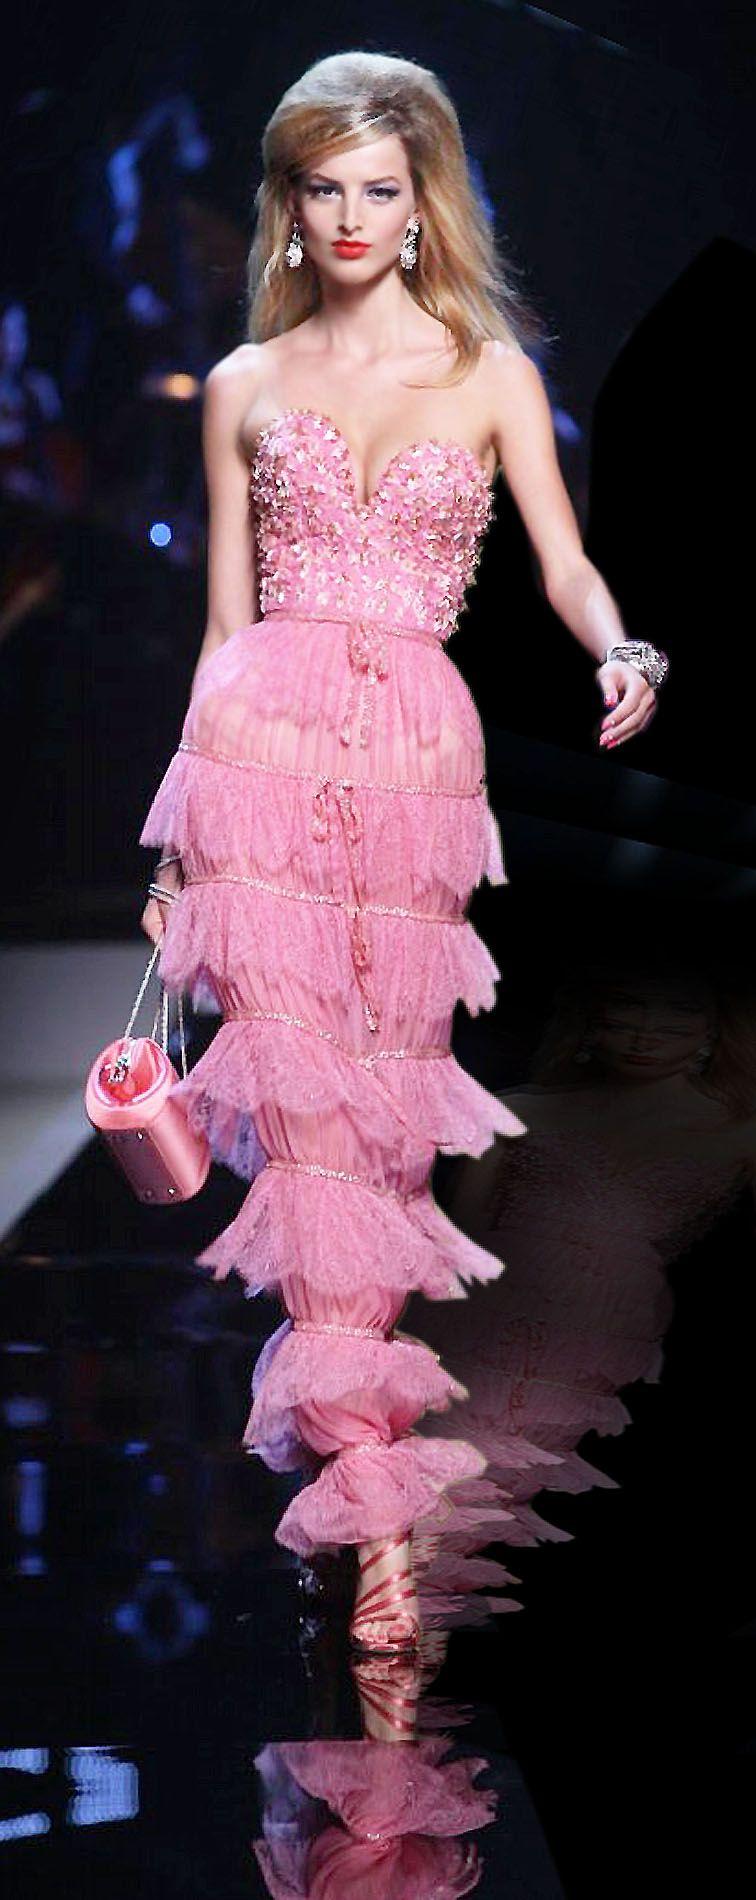 Christian Dior | vestidos | Pinterest | Rosas, Vestiditos y Alta costura